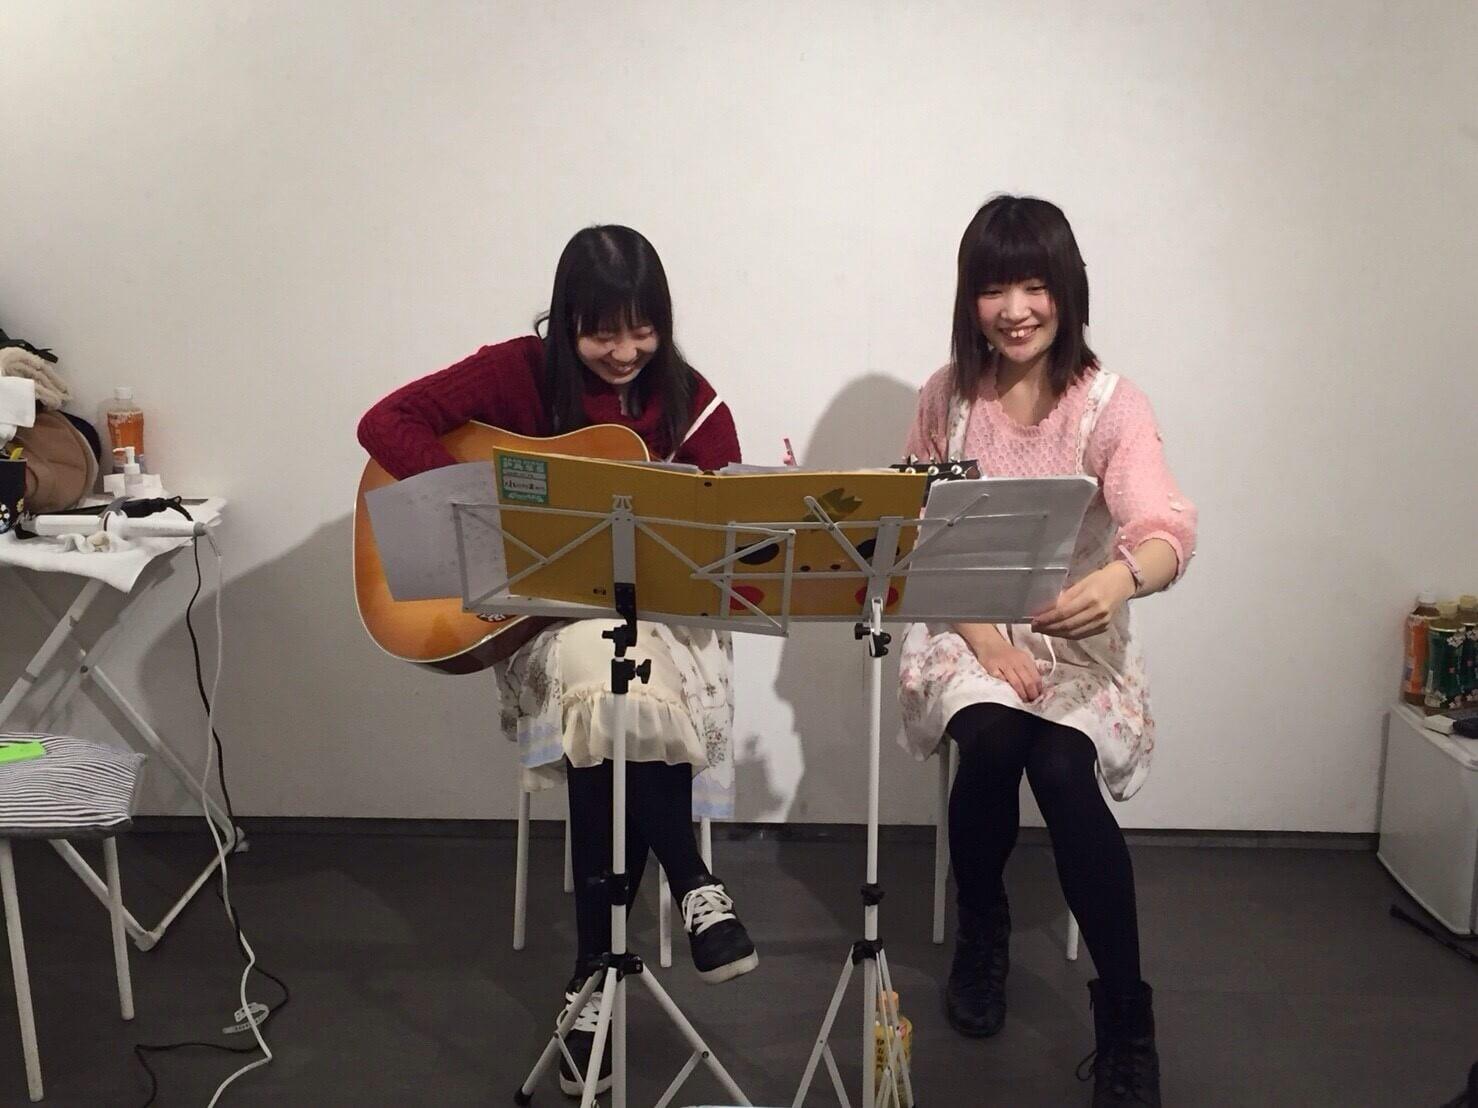 IoT女子さき 高町咲衣小日向まひろ 妄想はアイである出演者 ライブ